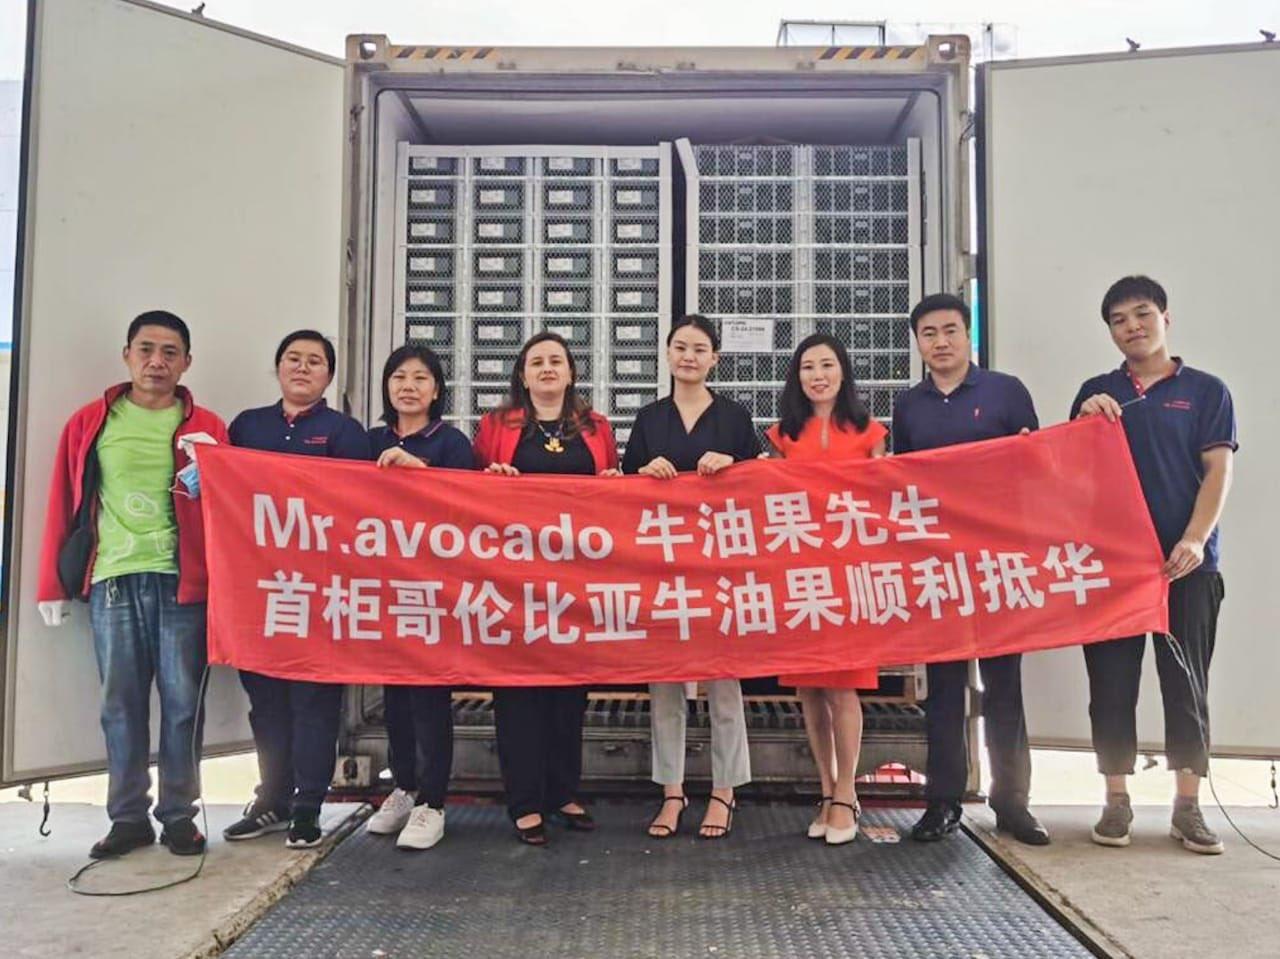 Toneladas de aguacate hass colombiano ya están en China 8